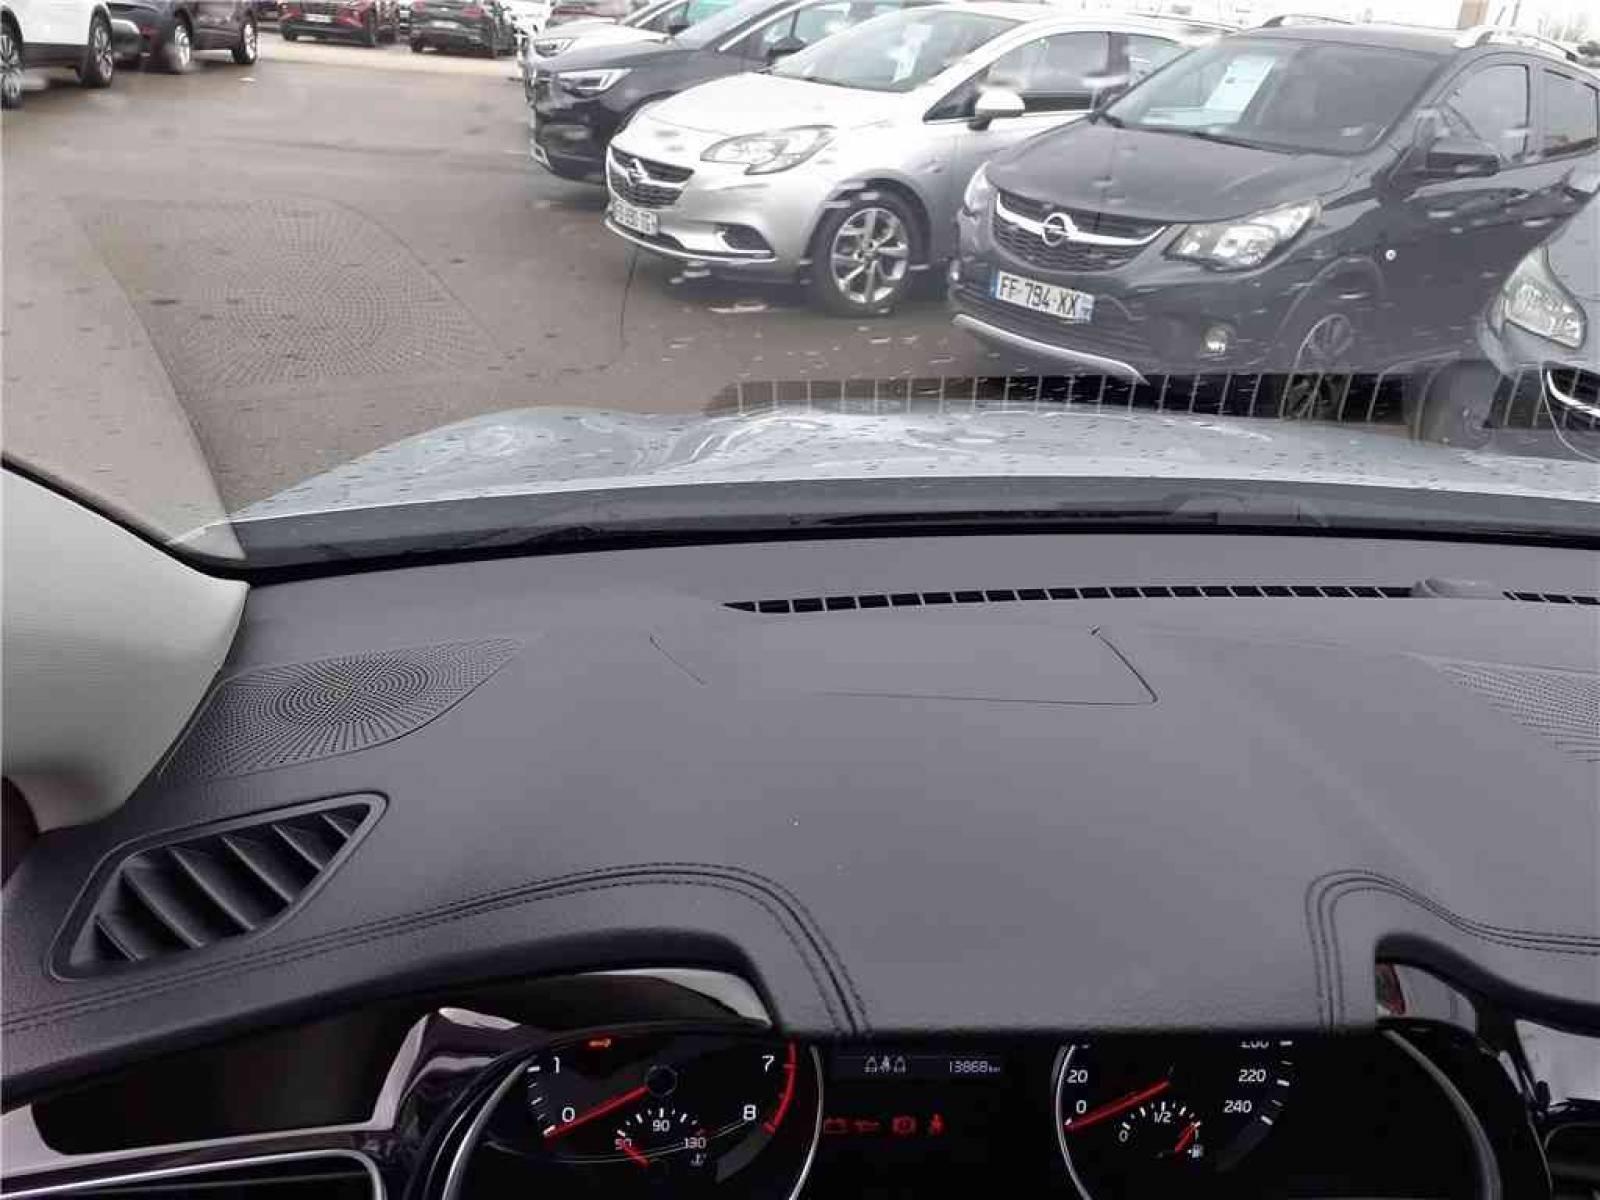 KIA CEED 1.0 T-GDi 120 ch ISG BVM6 - véhicule d'occasion - Groupe Guillet - Hall de l'automobile - Chalon sur Saône - 71380 - Saint-Marcel - 24